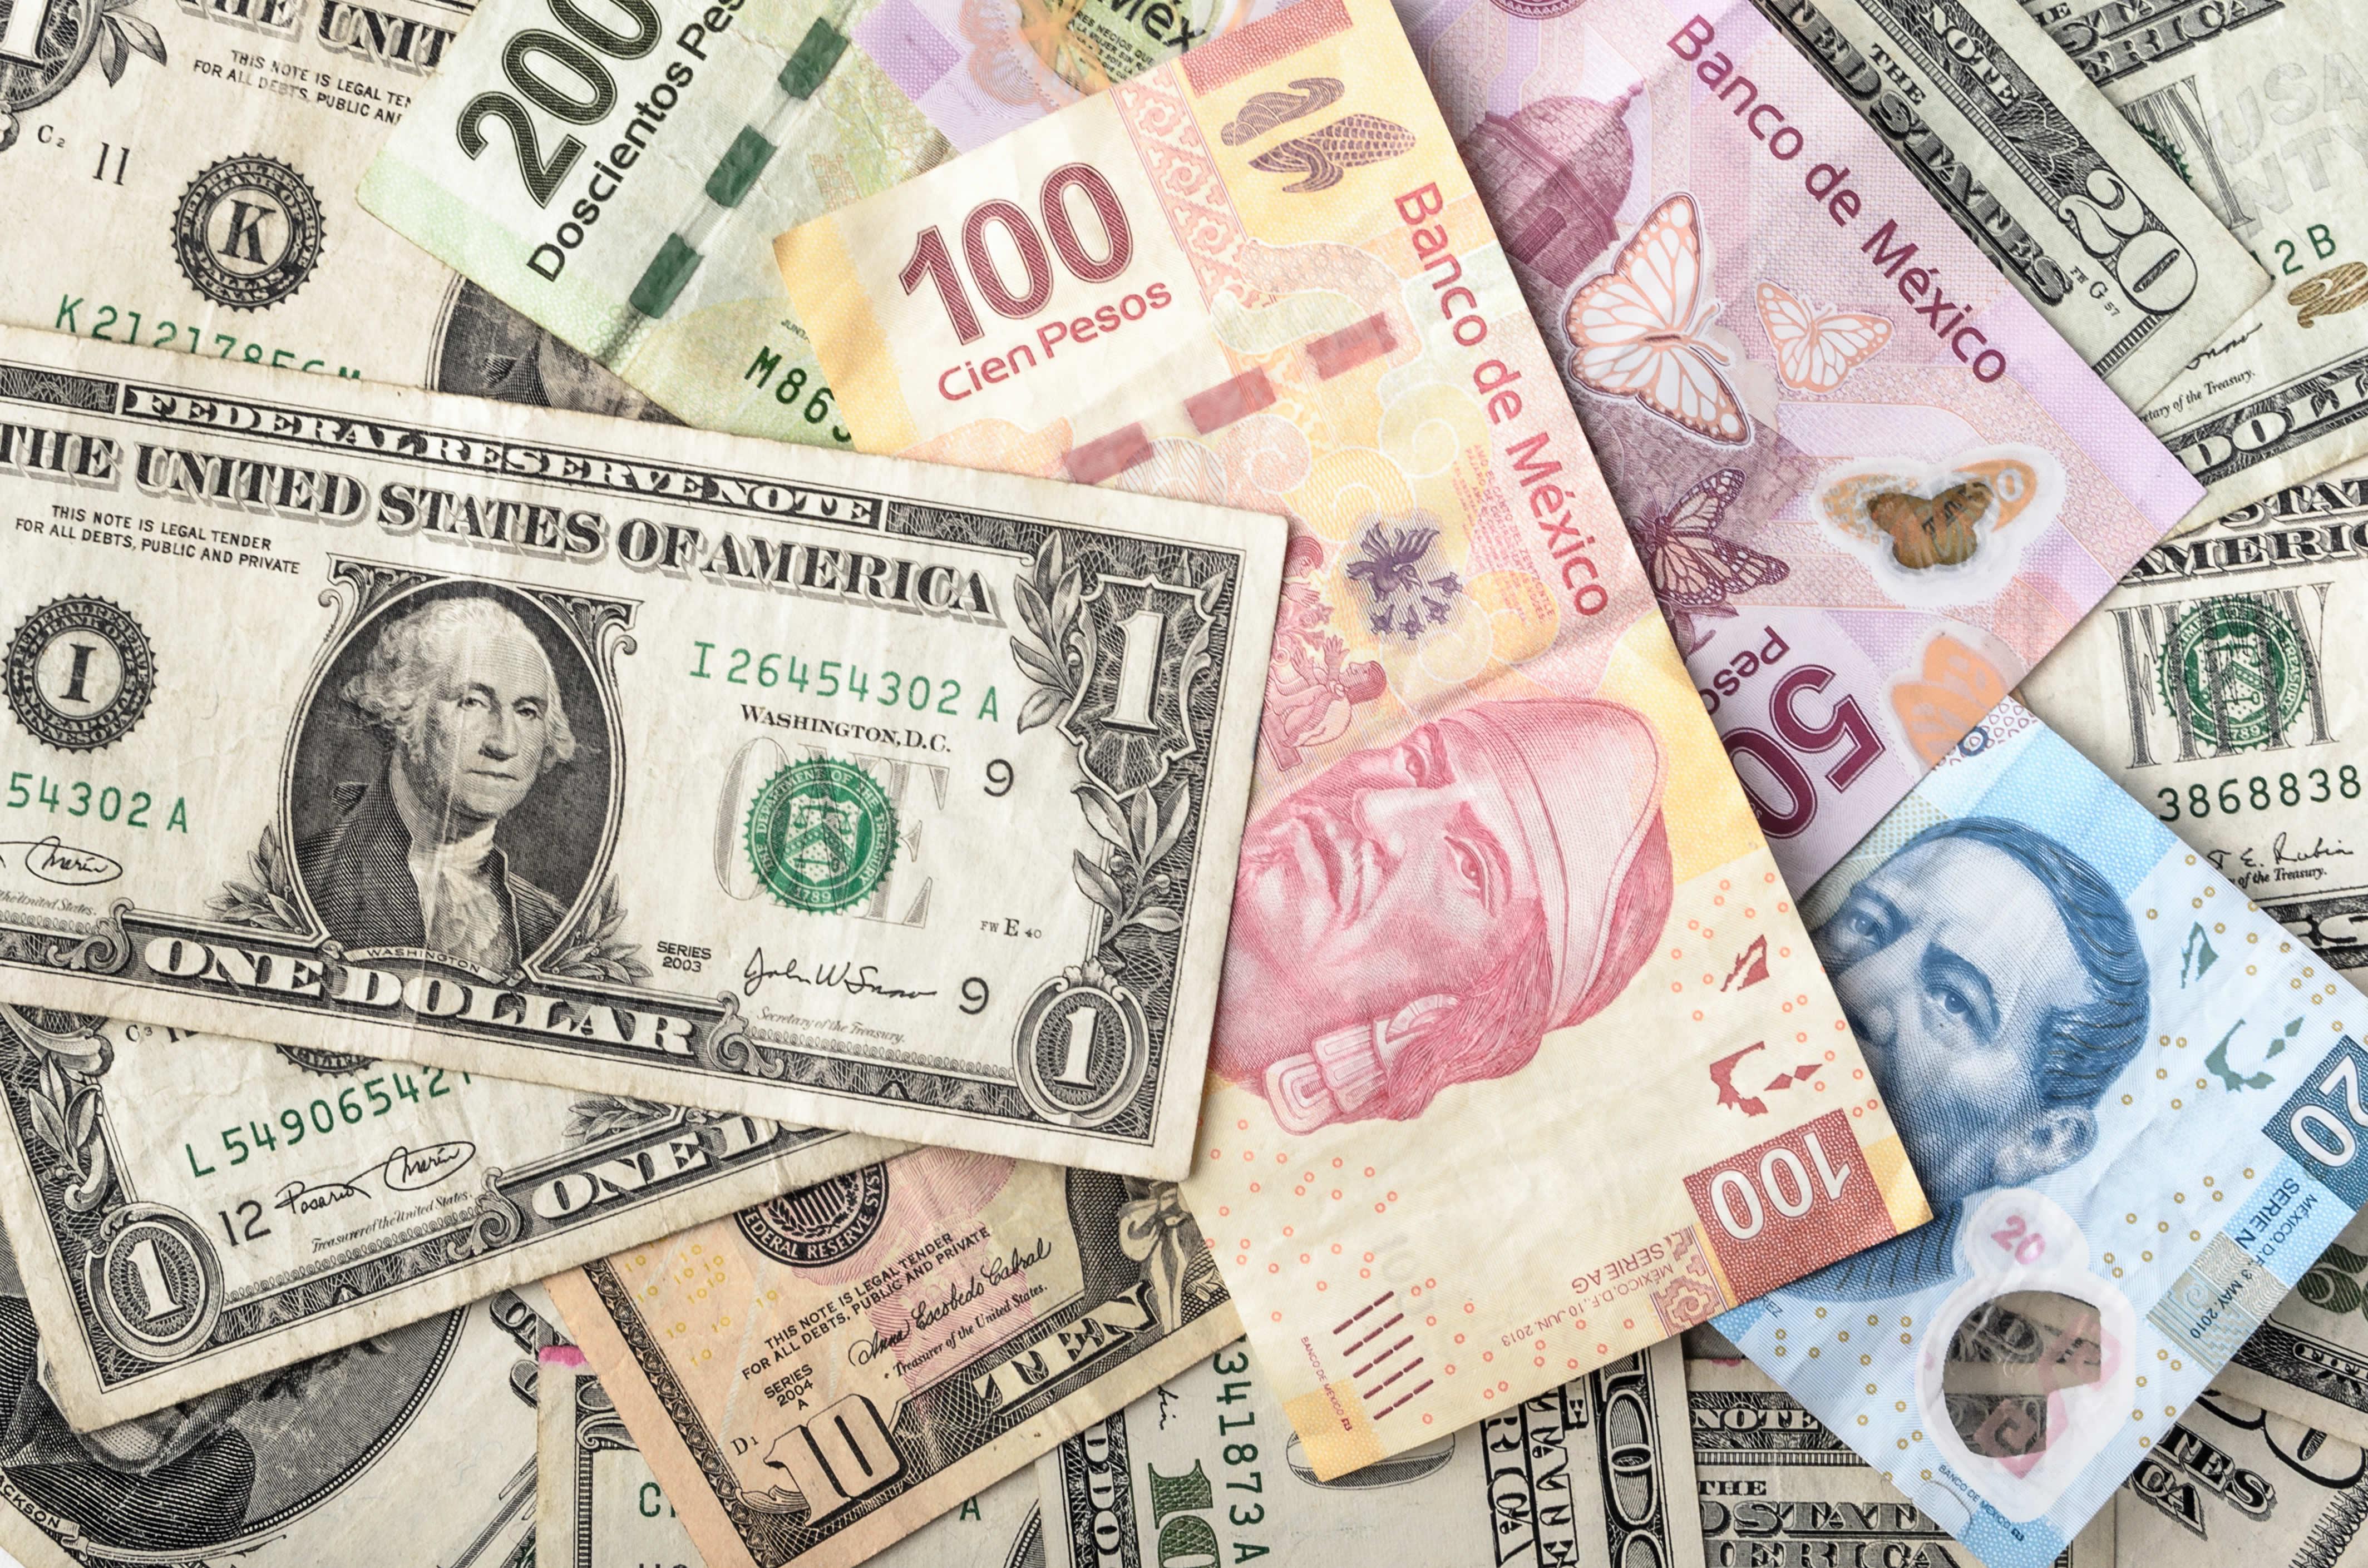 El dólar se dispara a 21.87 pesos en bancos